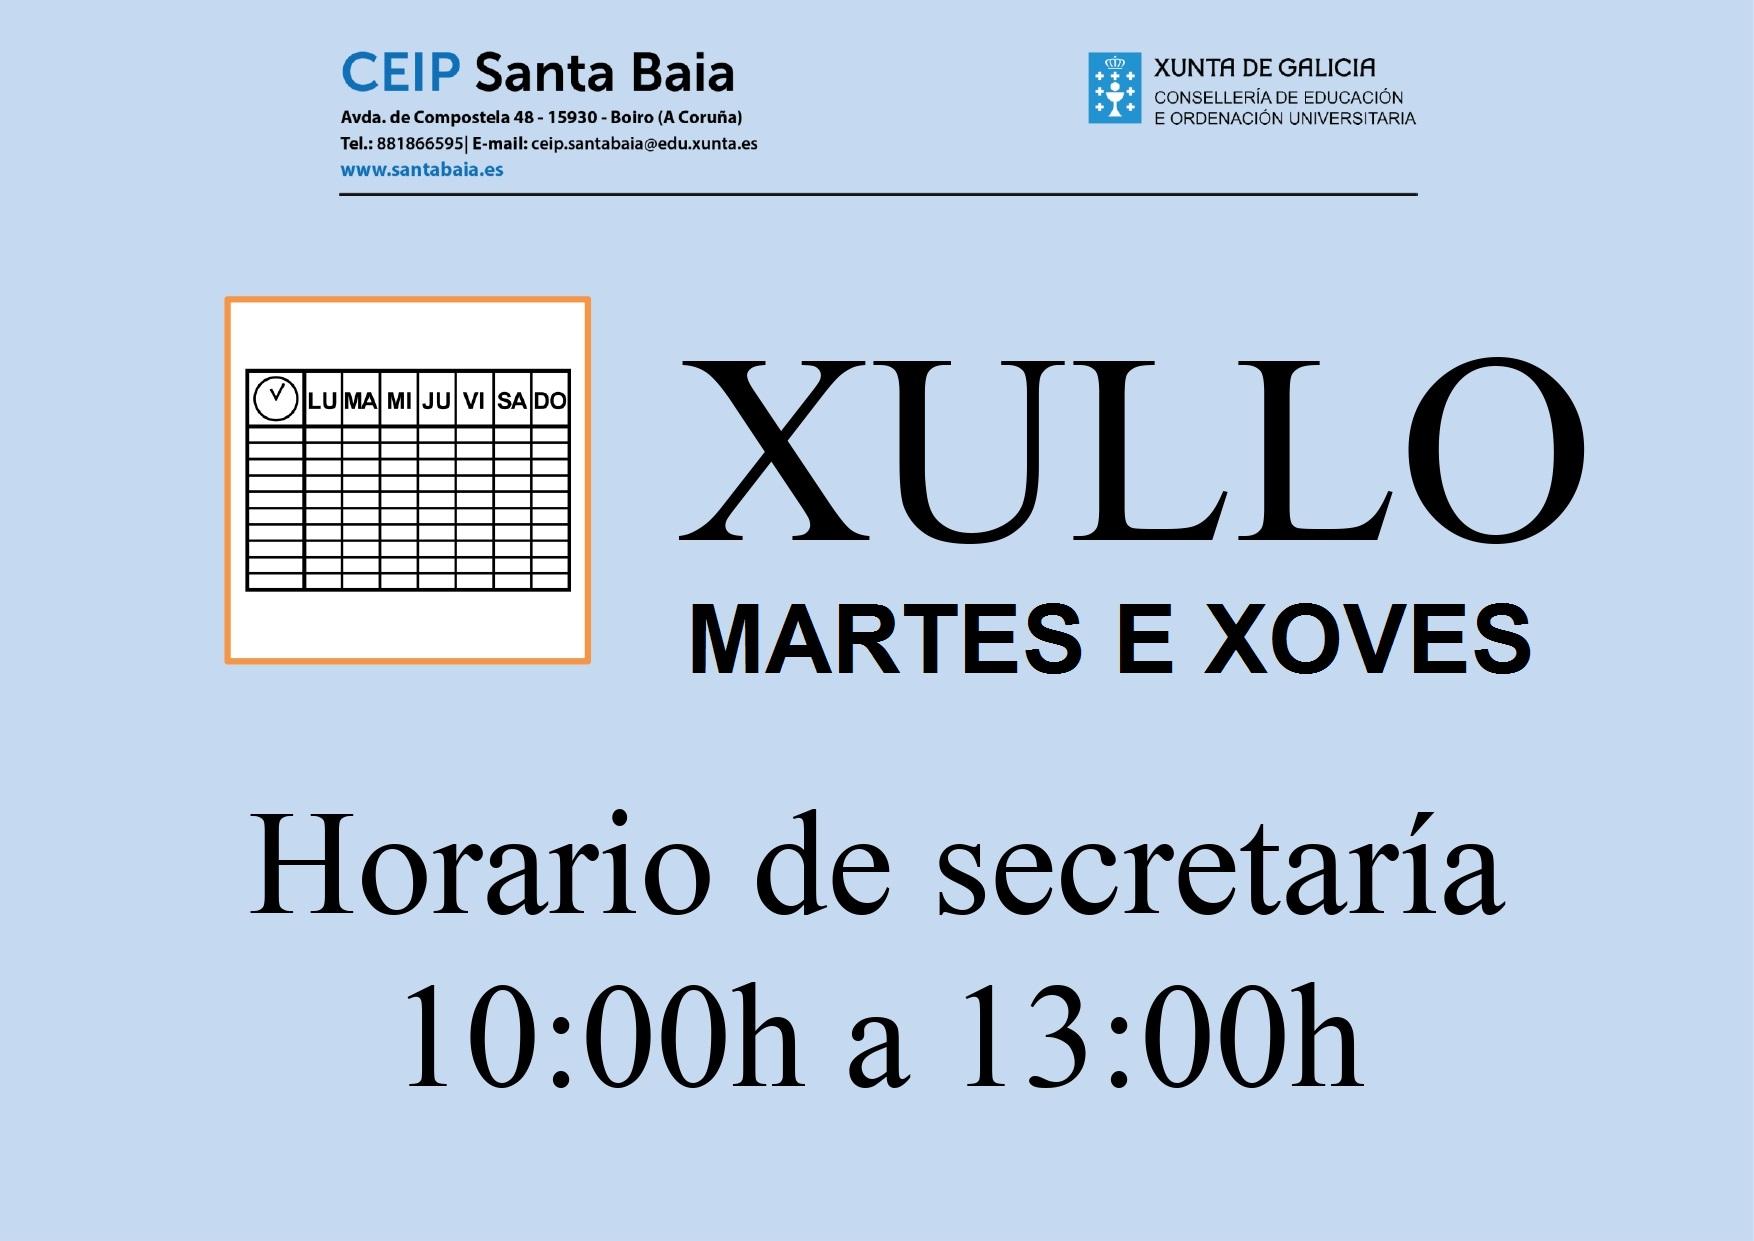 Calendario Escolar Xunta.Secretaria Colexio Santa Baia